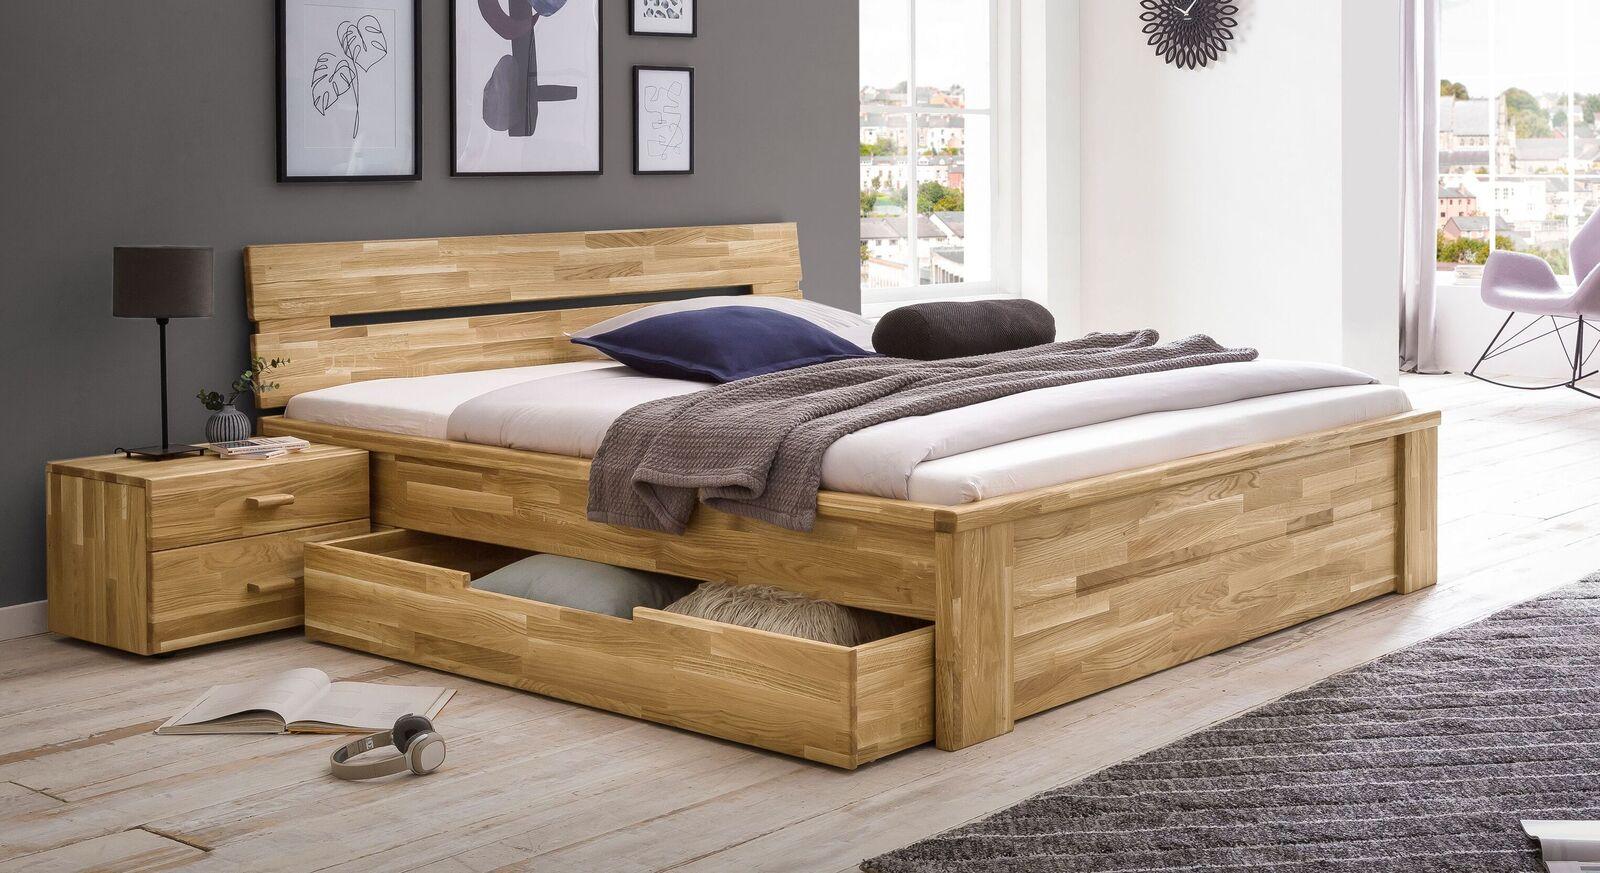 Schubkasten-Bett Sumak aus natur geölter Wildeiche